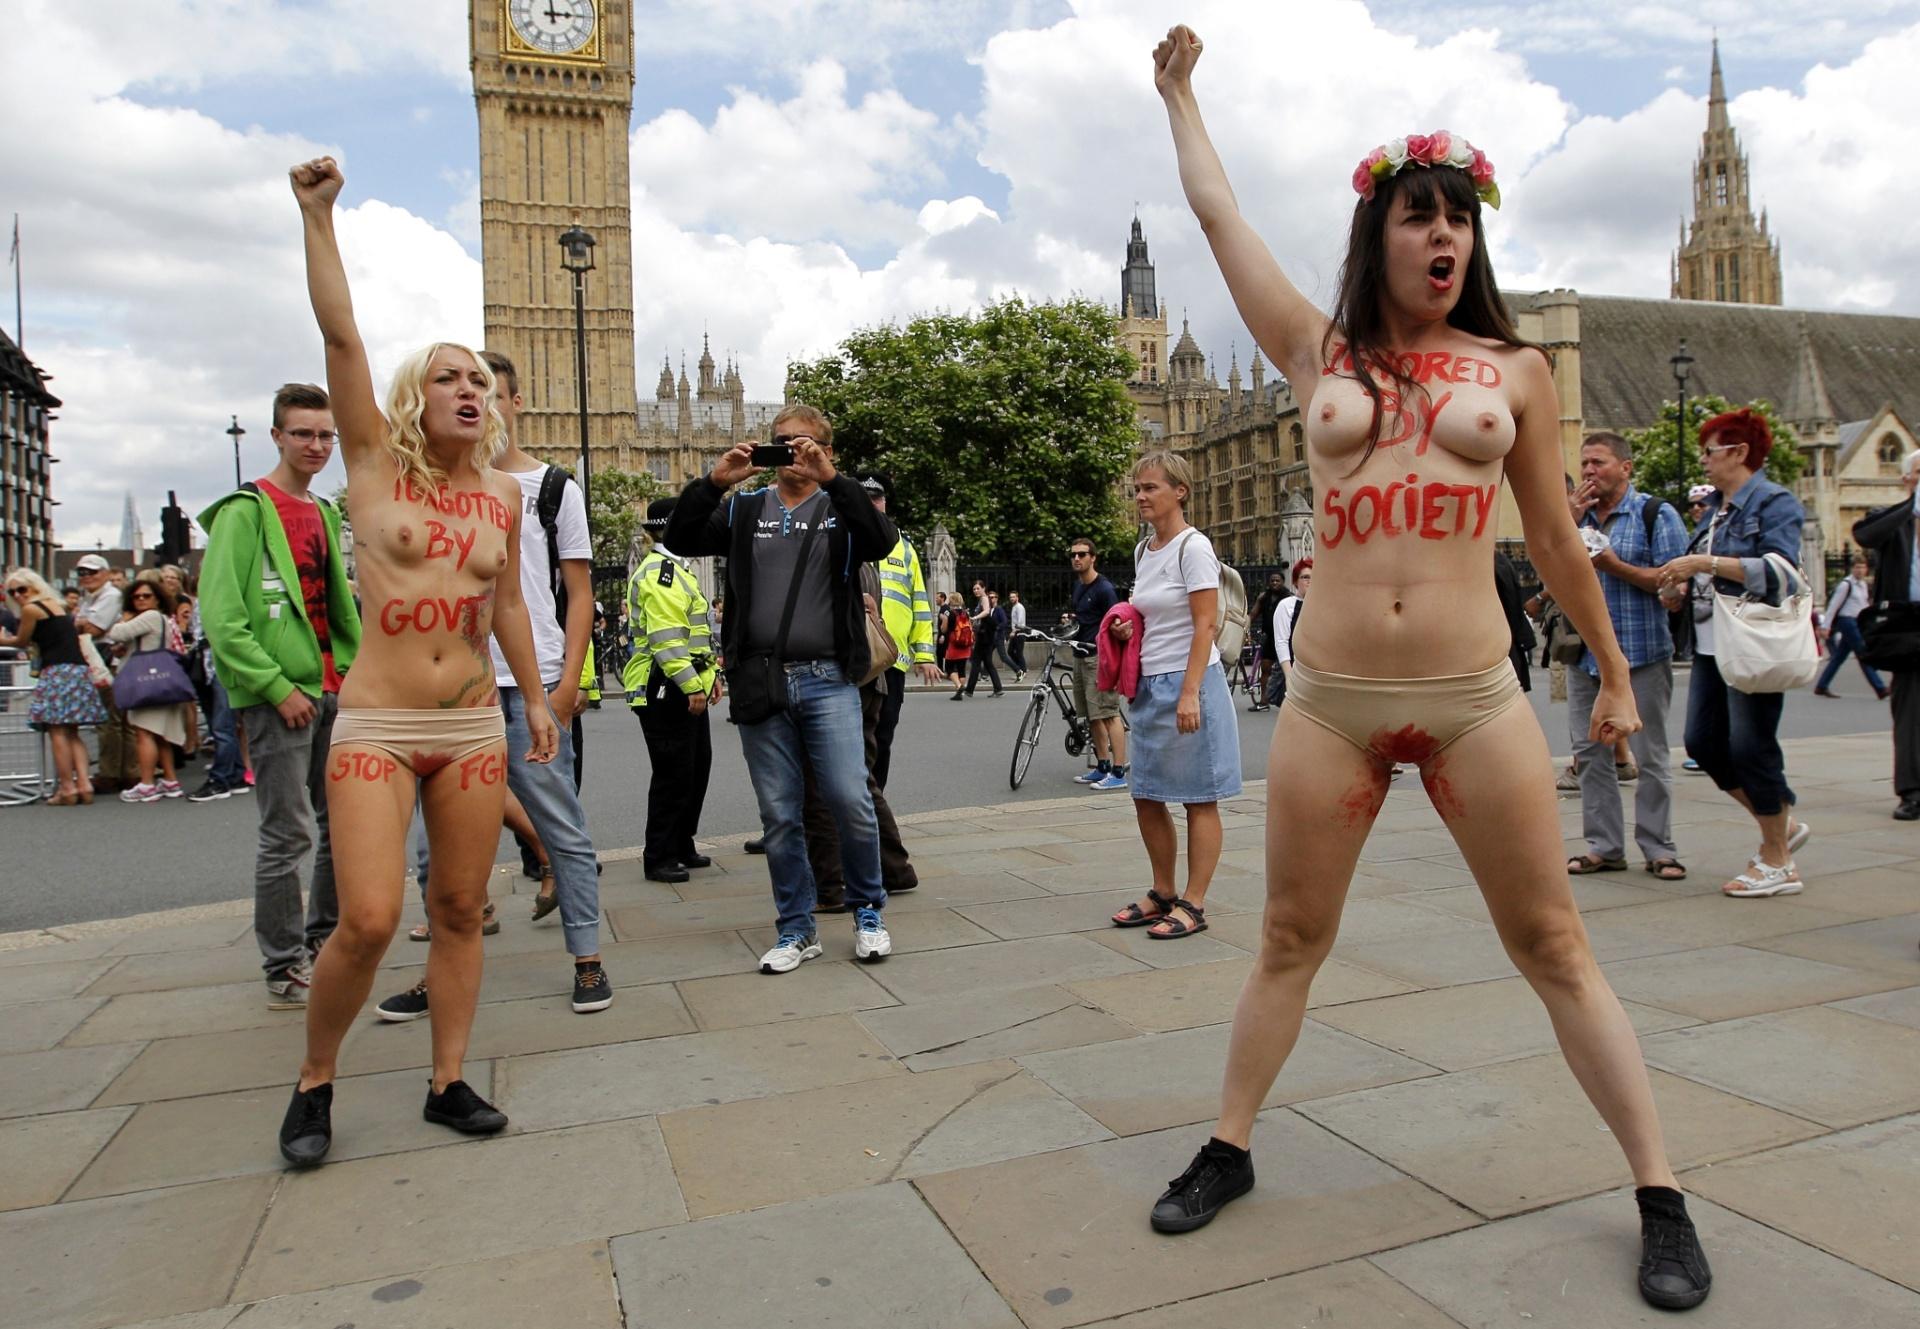 7.jul.2014 - Ativistas do Femen protestam contra a MGF (Mutilação Genital Feminina) na Praça do Parlamento, no centro de Londres, nesta segunda-feira (7)